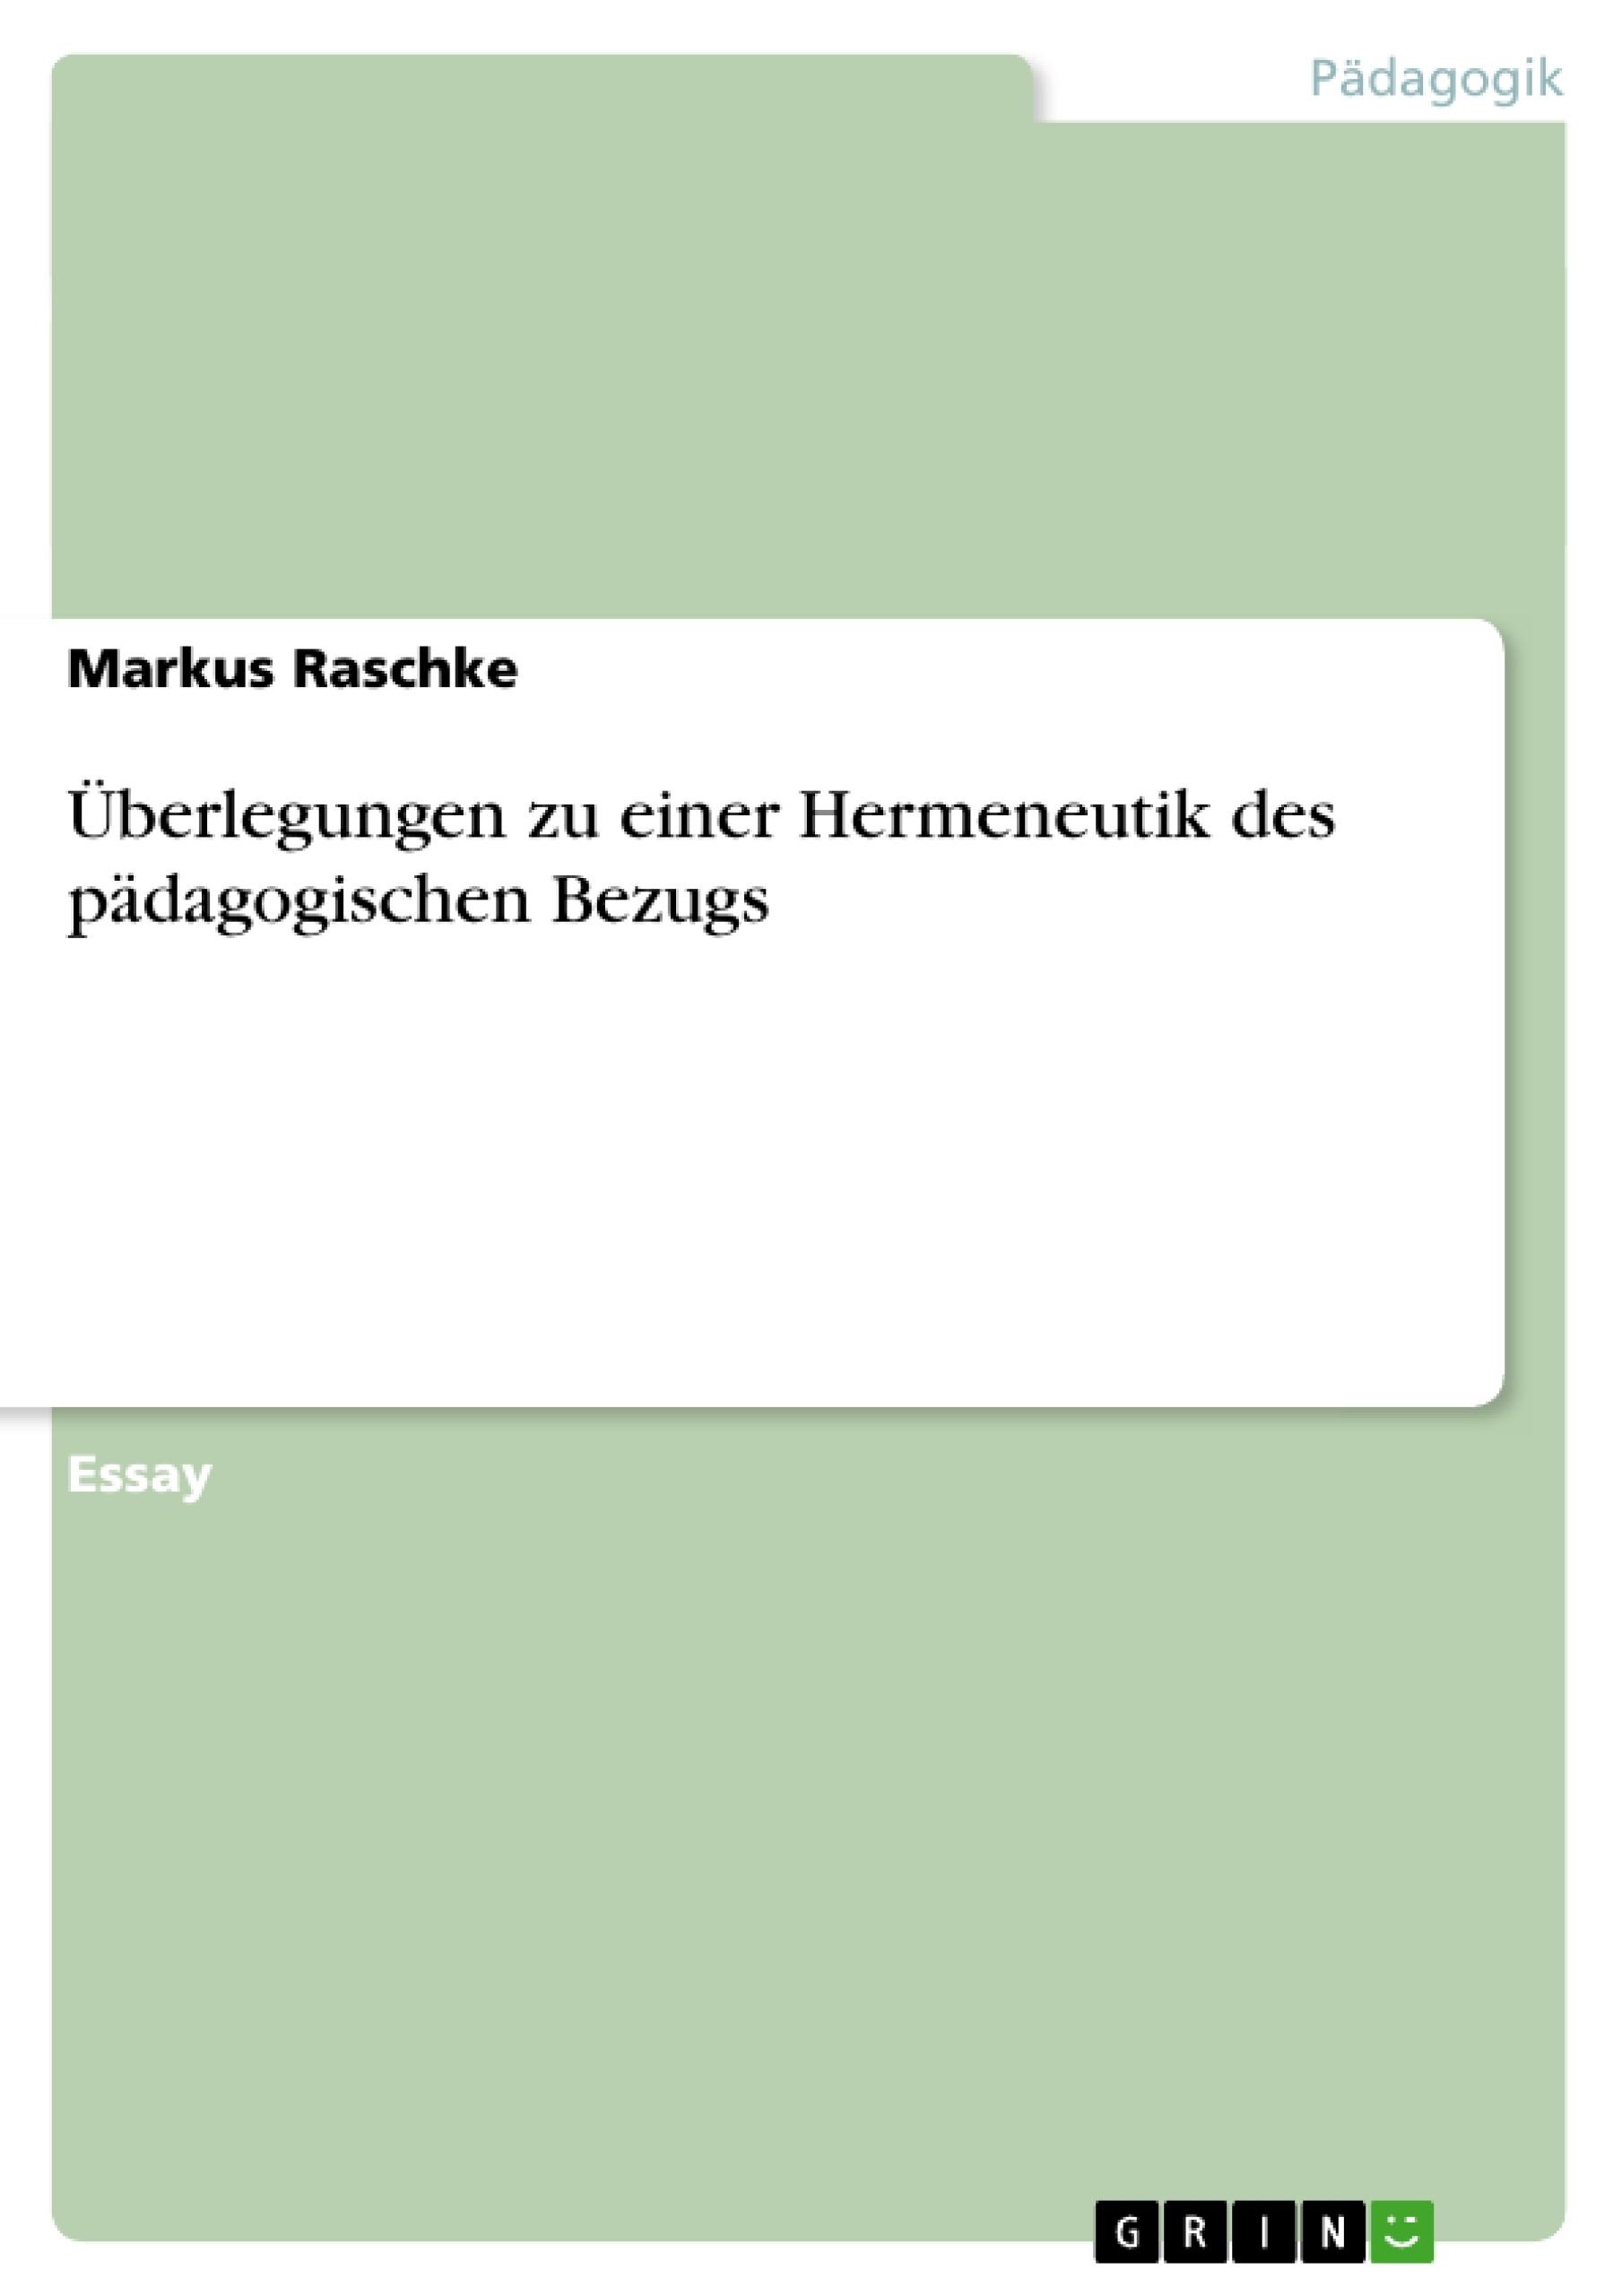 Titel: Überlegungen zu einer Hermeneutik des pädagogischen Bezugs